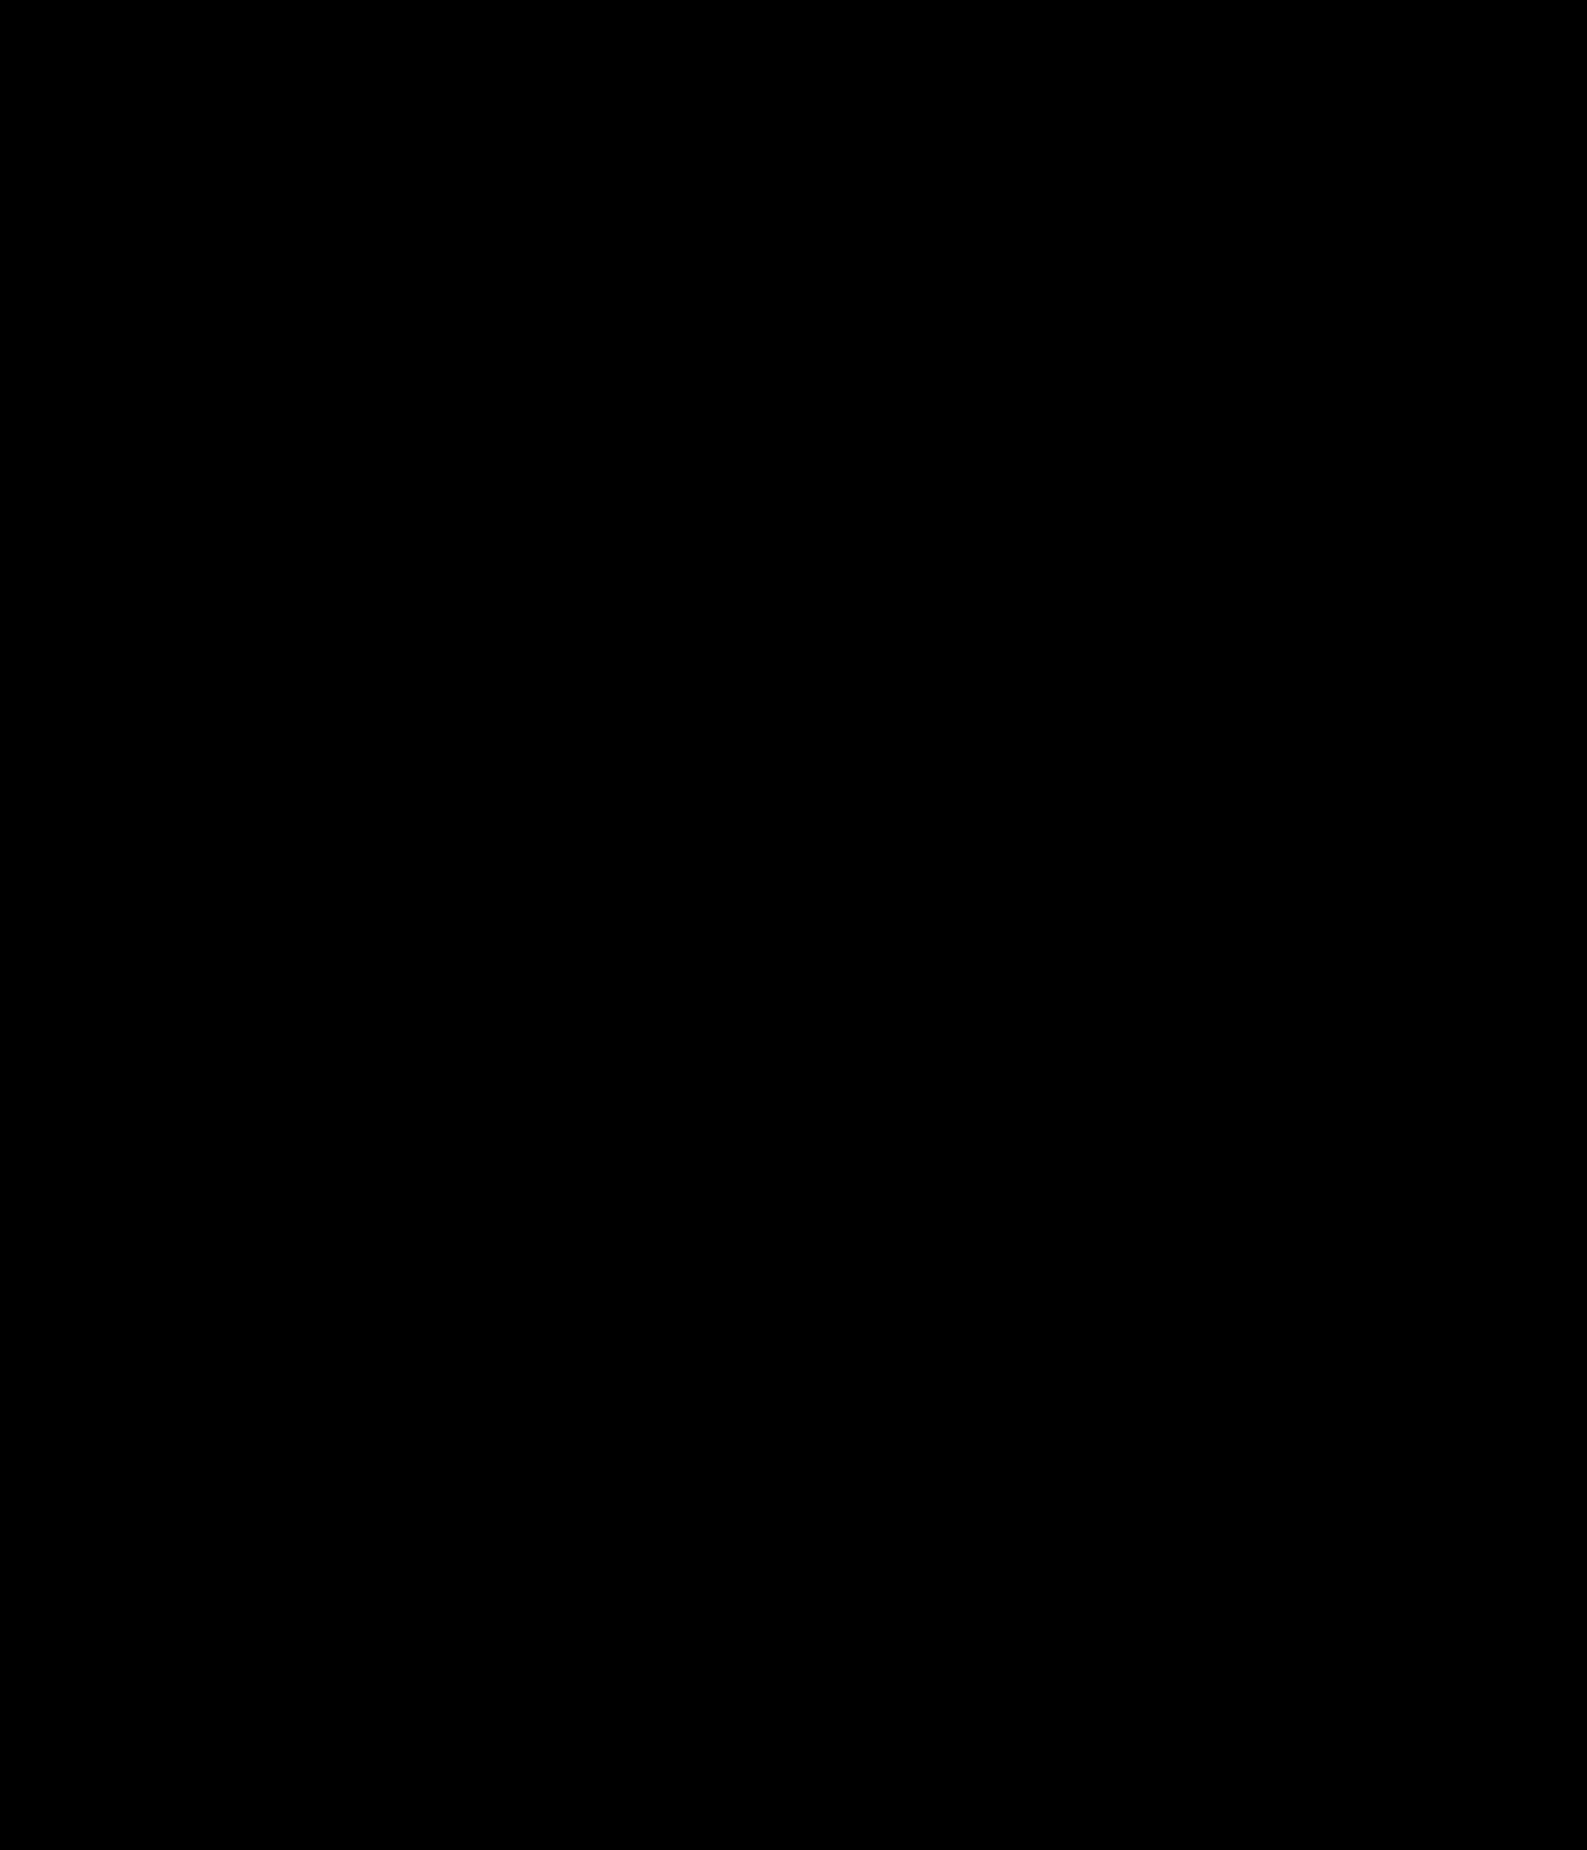 kanran